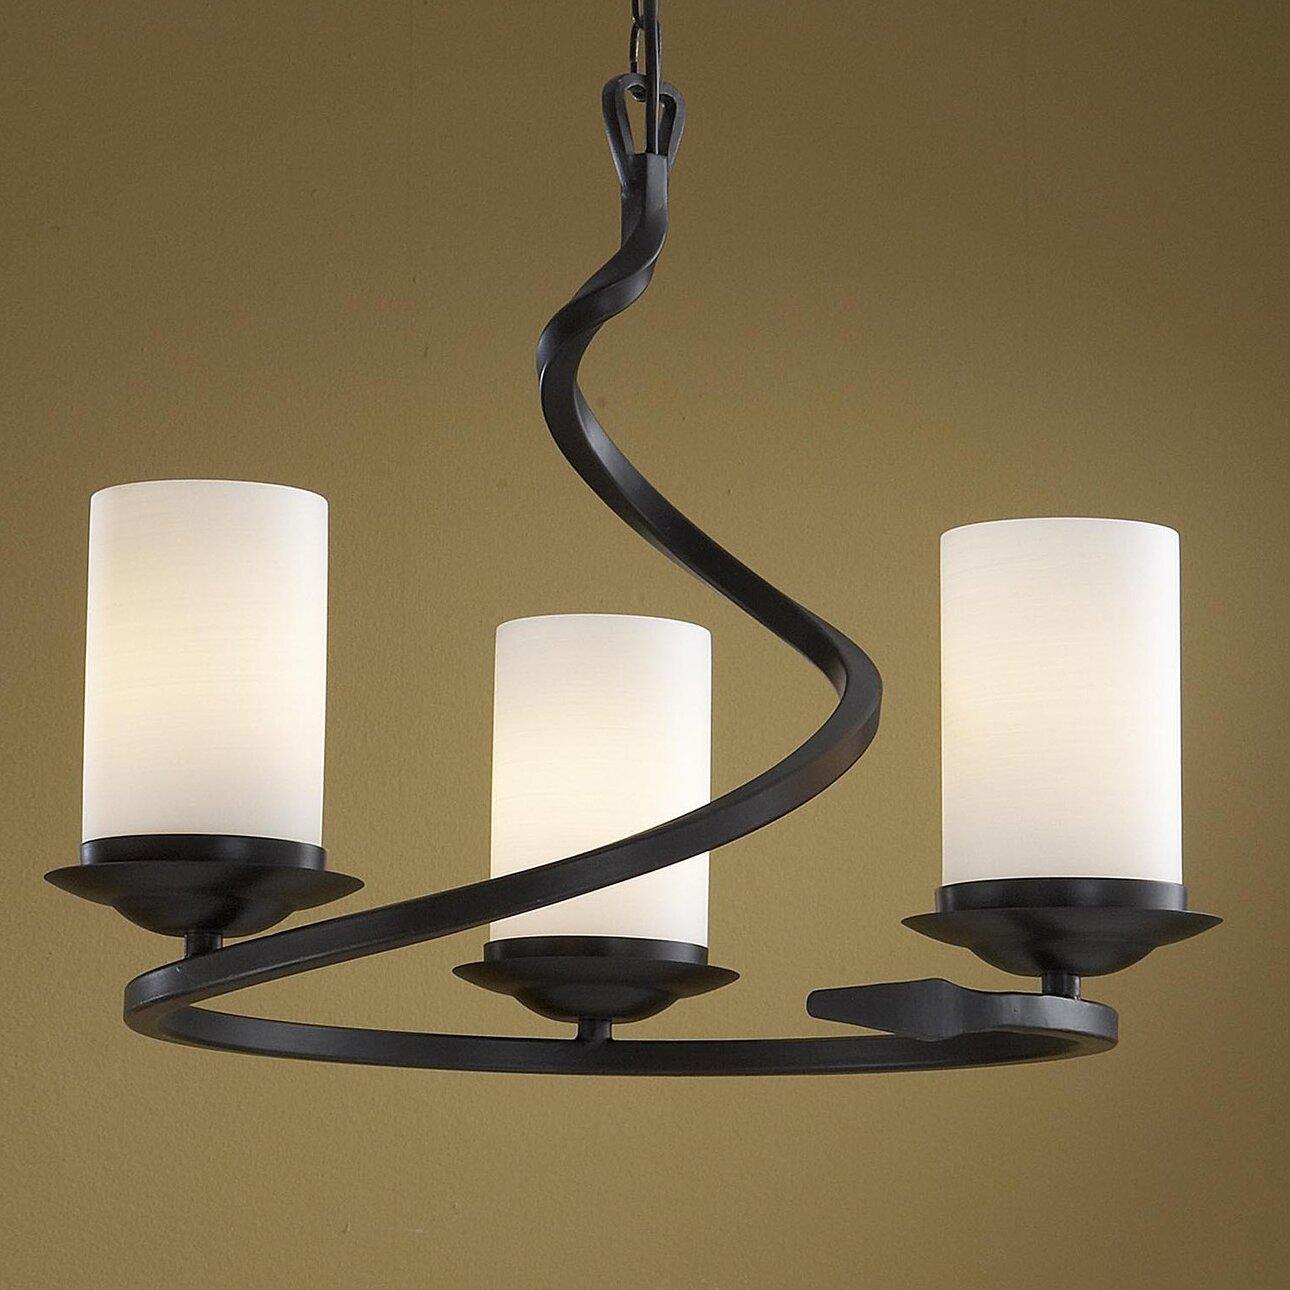 bel tage kronleuchter 3 flammig paris reviews von bel tage. Black Bedroom Furniture Sets. Home Design Ideas